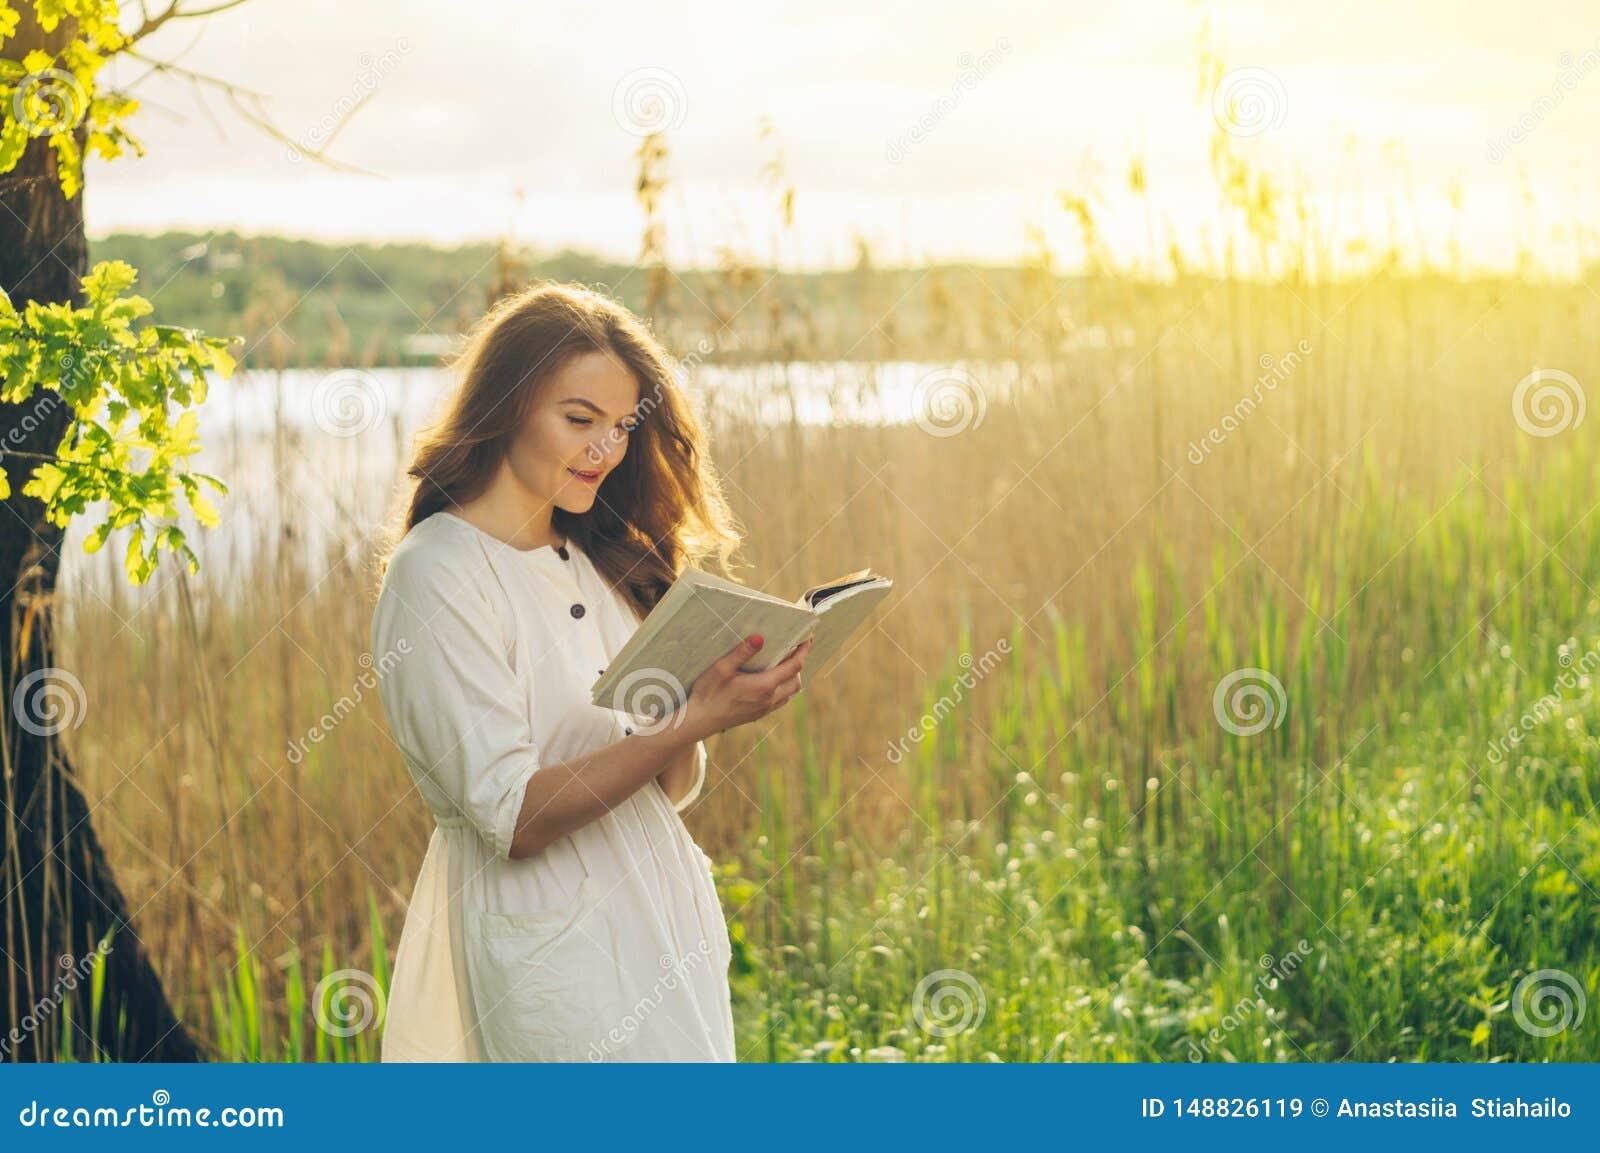 Όμορφο κορίτσι στον τομέα που διαβάζει ένα βιβλίο Η συνεδρίαση κοριτσιών σε μια χλόη, ανάγνωση ένα βιβλίο Υπόλοιπο και ανάγνωση